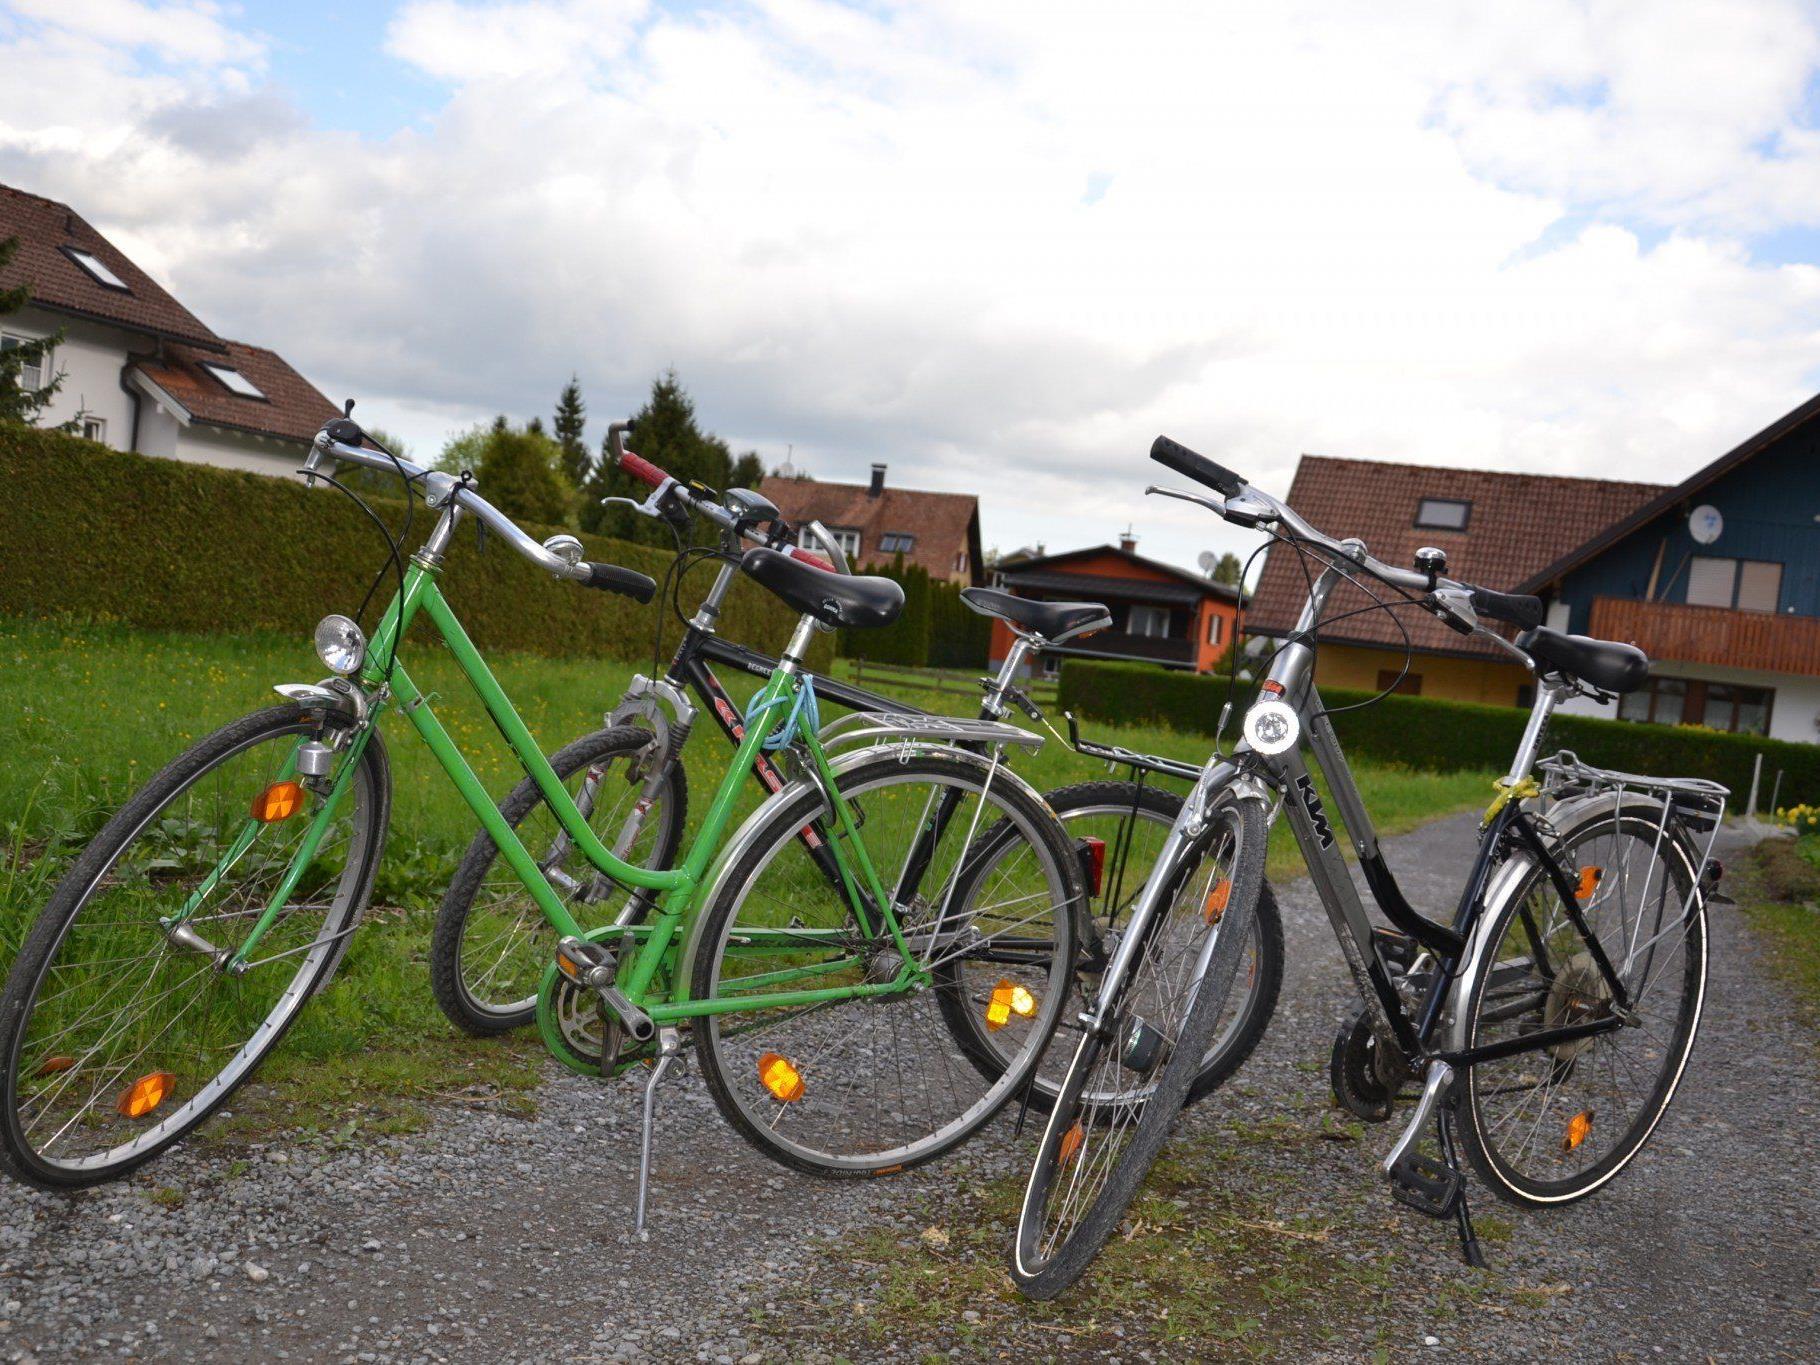 Mitte April startet ein Fahrradkurs speziell für Frauen aus der Region amKumma